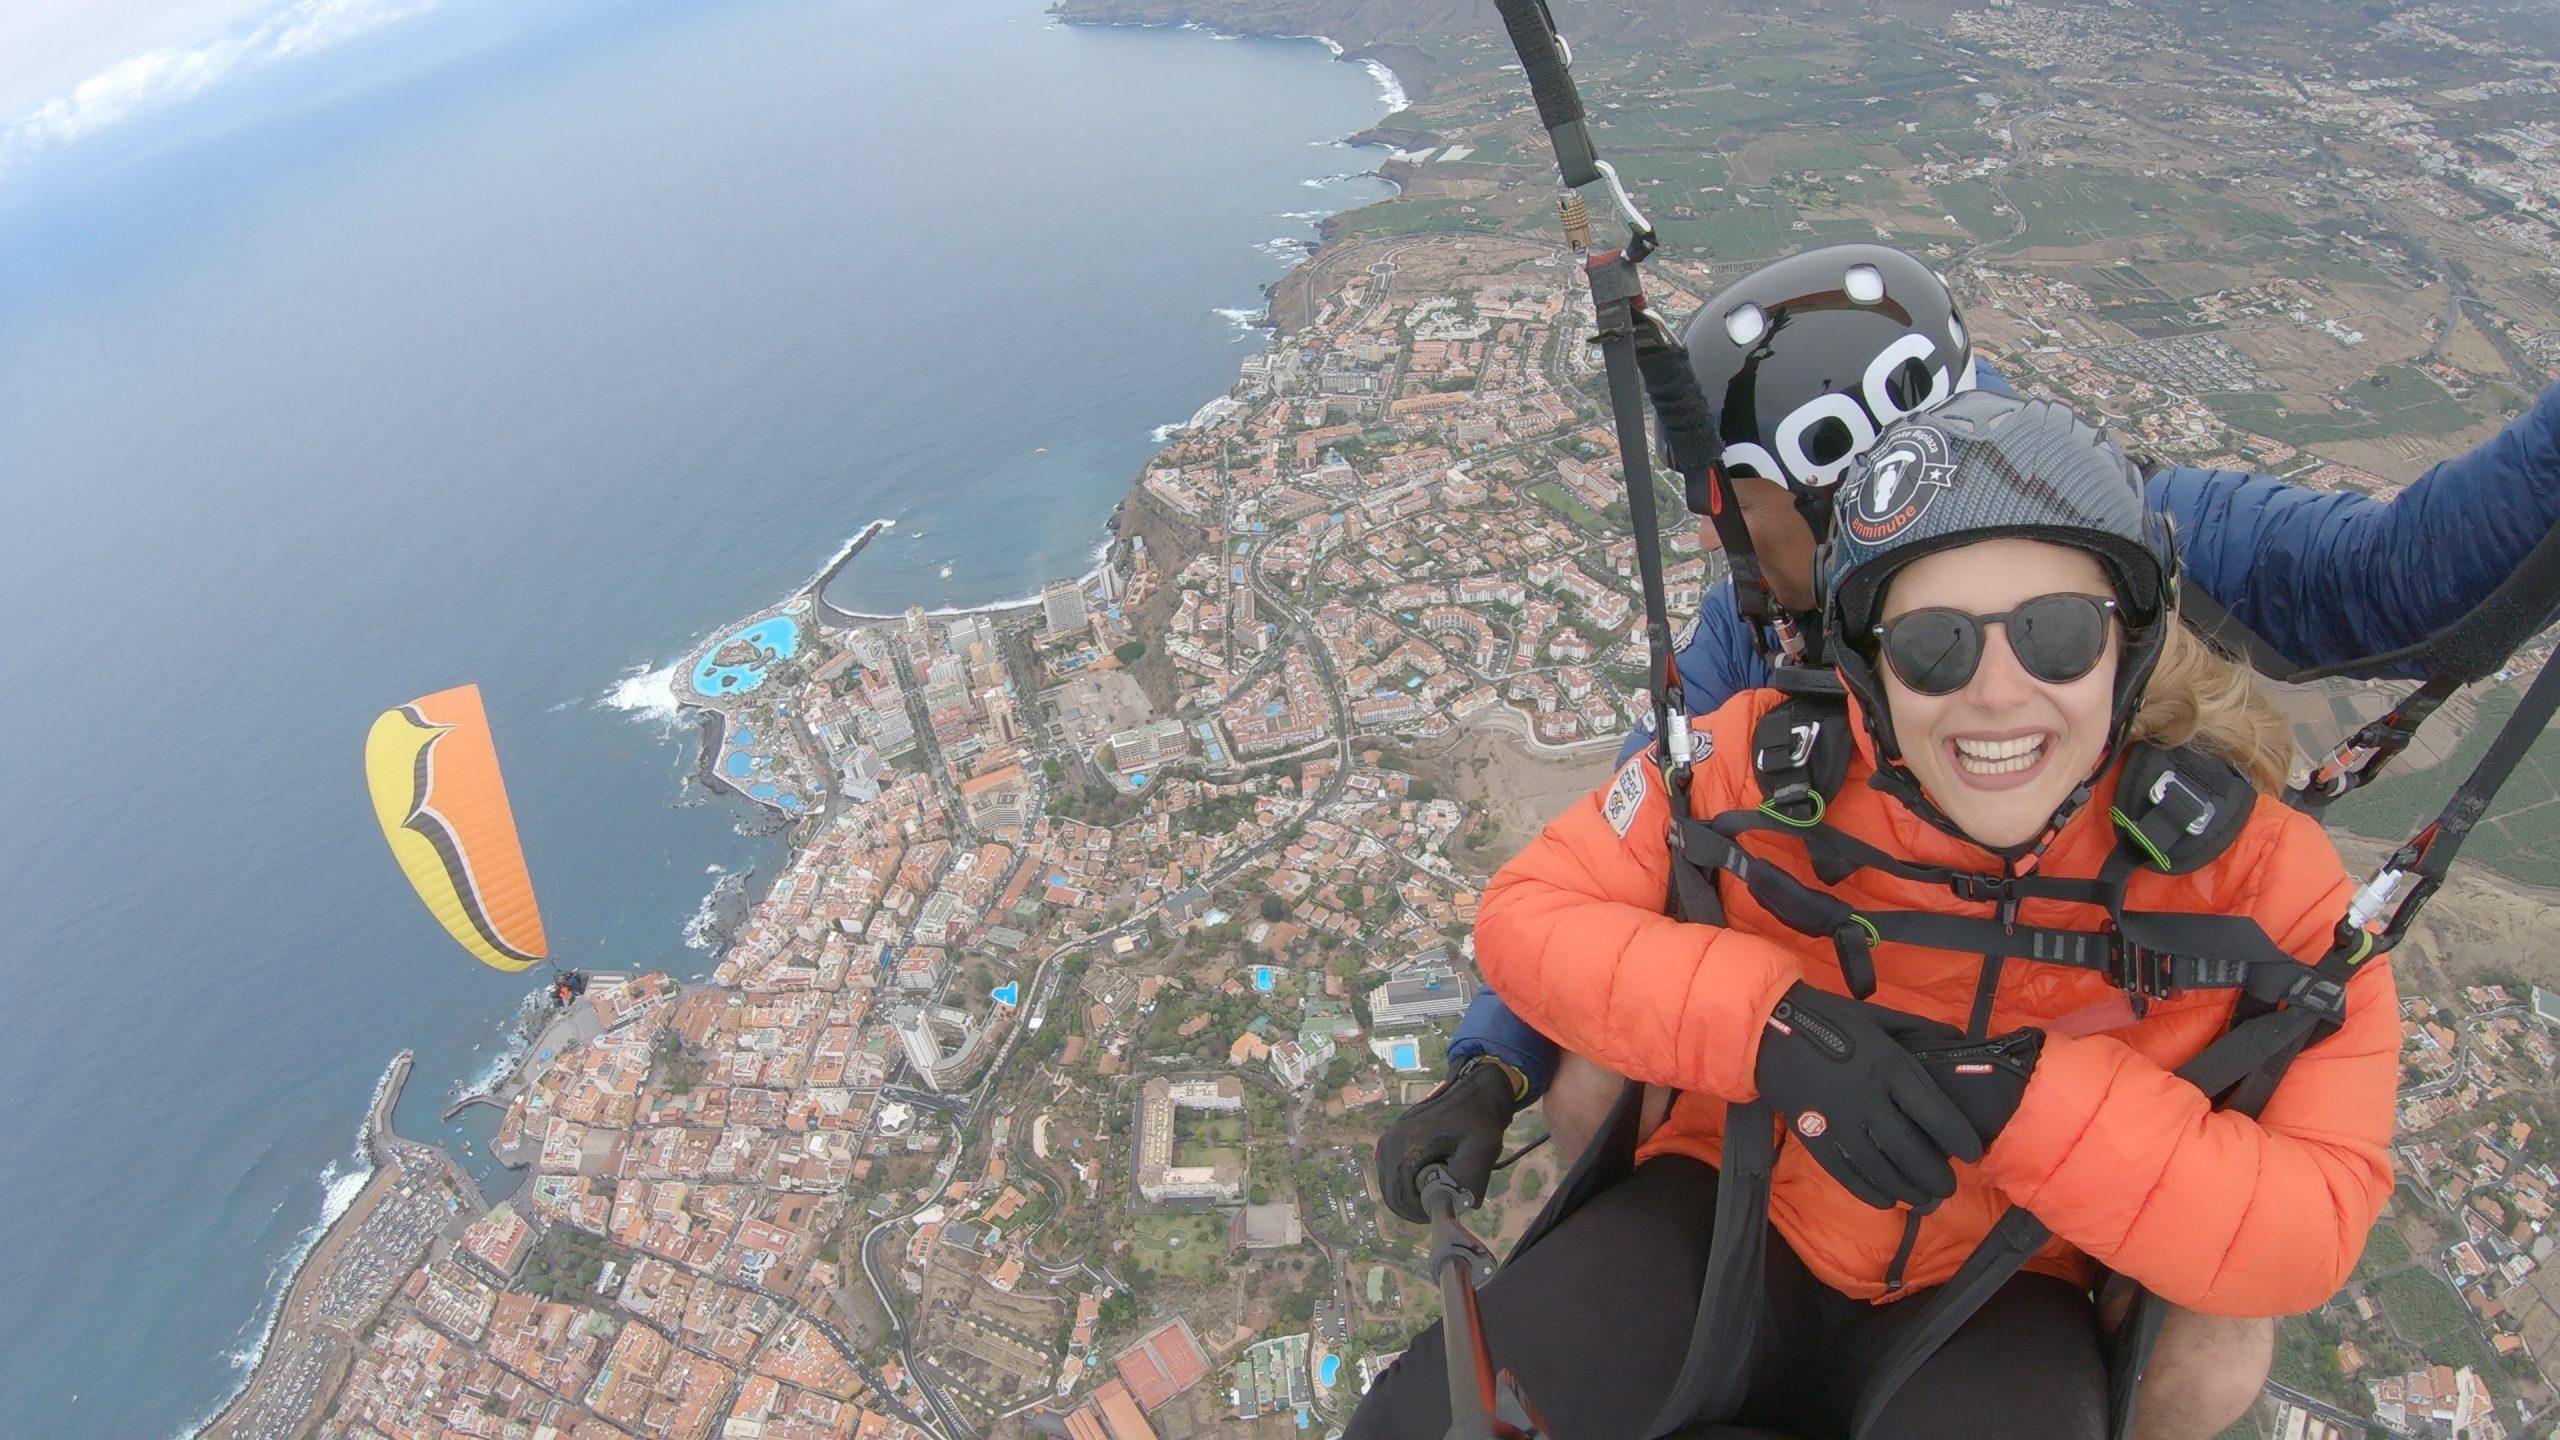 Smittetallet er faldet på De kanariske Øer, som derfor skifter fra gul til grøn i de nye danske rejsevejledninger. Her er der paragliding over Tenerife, den største af De kanariske Øer. Arkivpressefoto: Turismo de Tenerife.